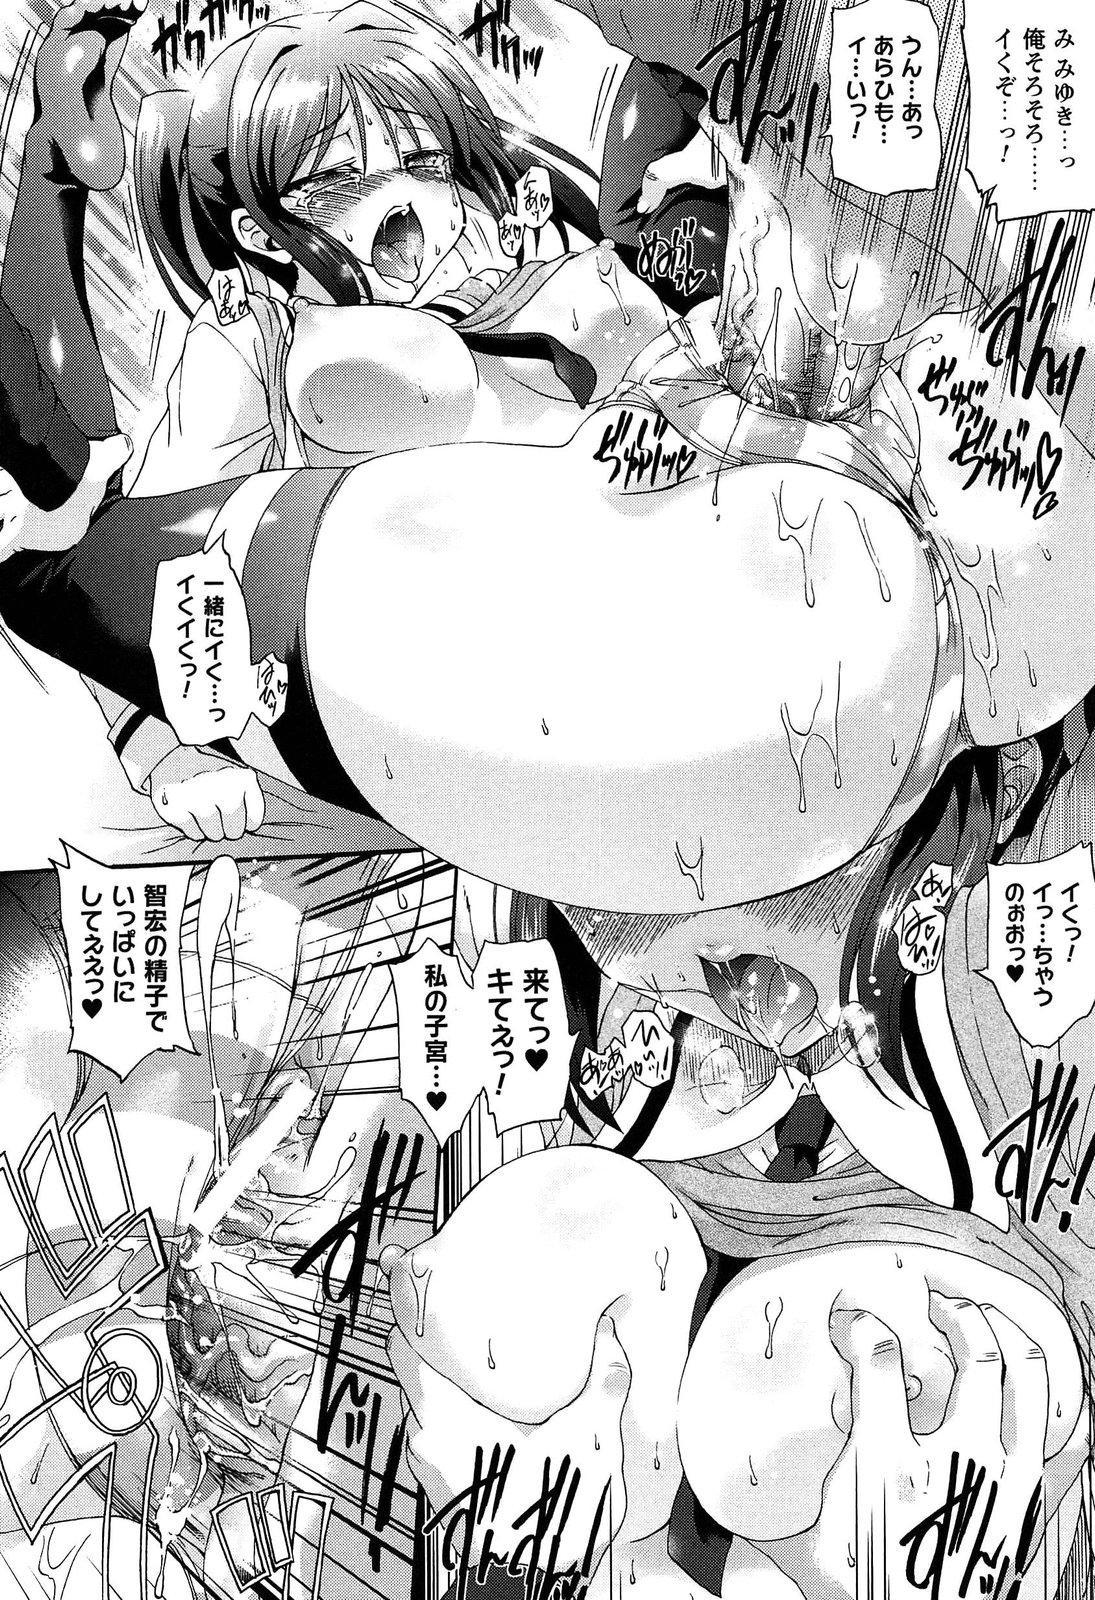 Eroge o Tsukurou! Genteiban - Let's develop the adult game together 29